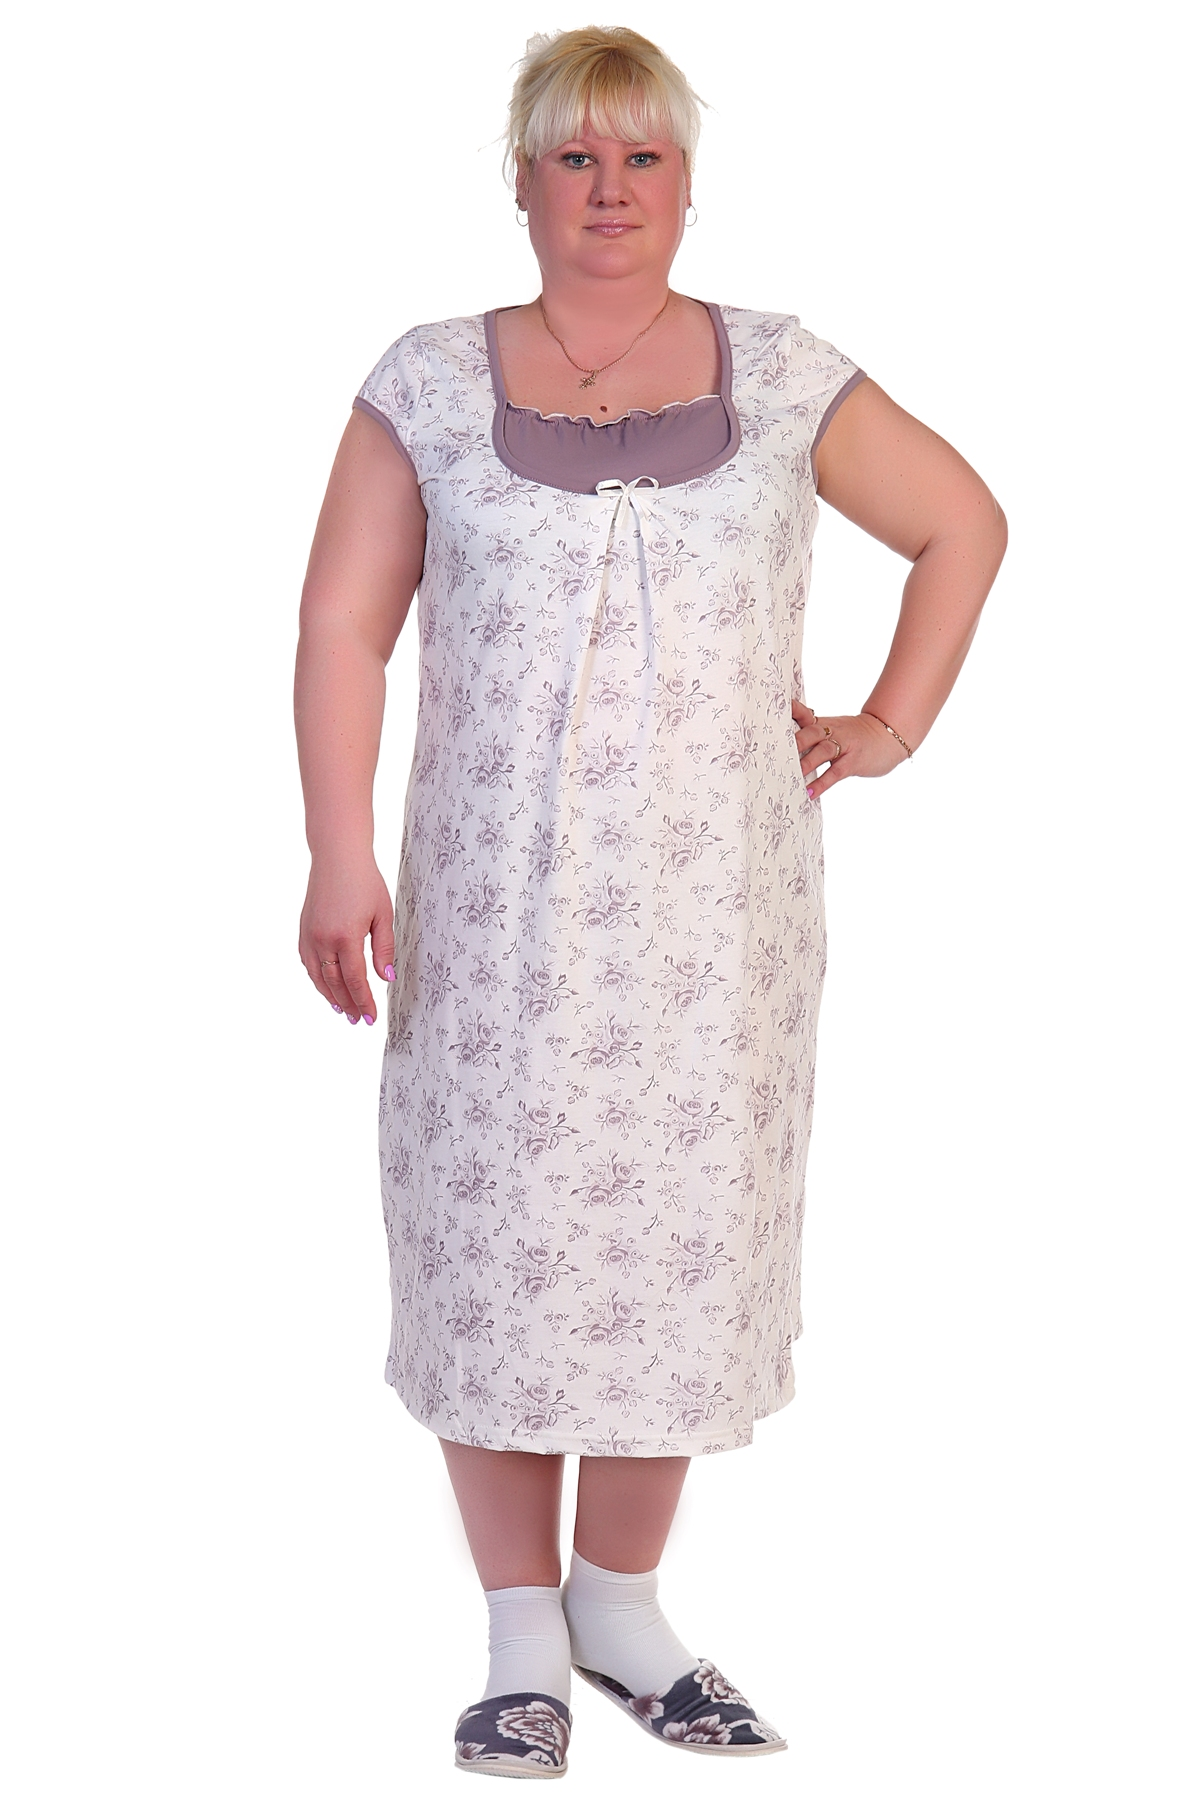 Жен. сорочка арт. 16-0288 р. 66Ночные сорочки<br>Факт. ОГ: 138 см <br>Факт. ОТ: 140 см <br>Факт. ОБ: 154 см <br>Длина по спинке: 116 см<br><br>Тип: Жен. сорочка<br>Размер: 66<br>Материал: Кулирка